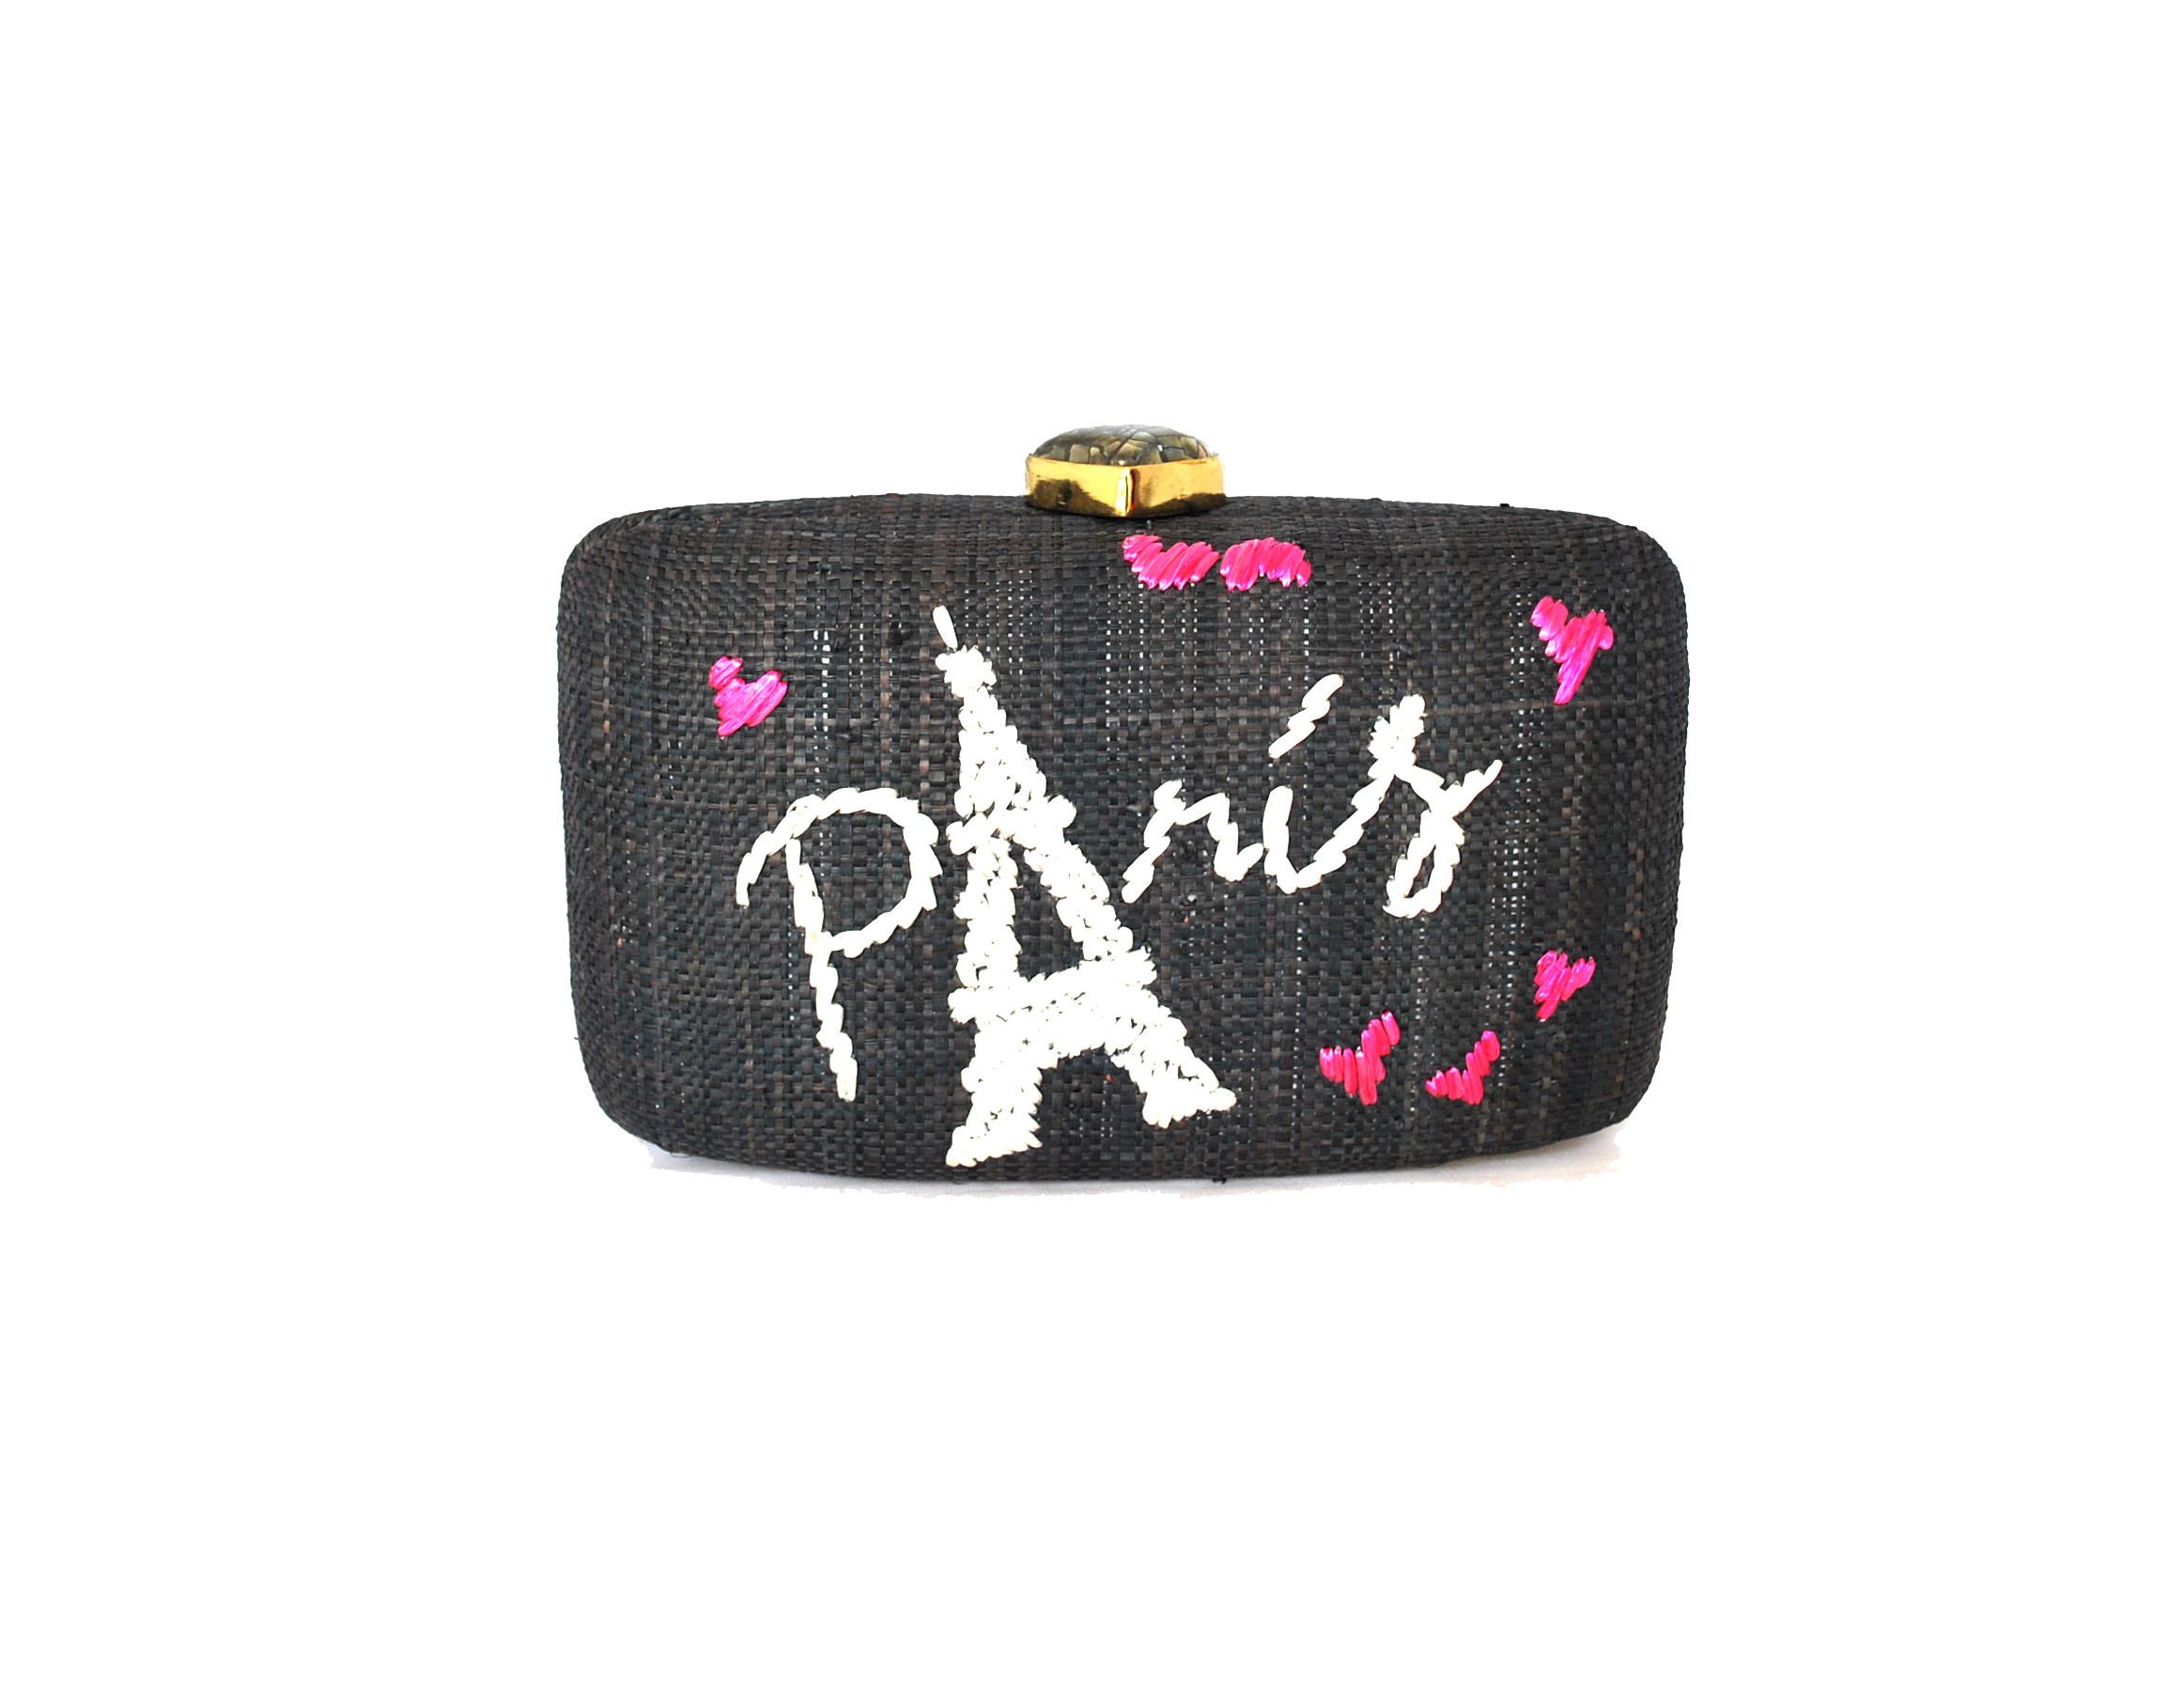 PARIS CLUTCH | Kayu Design